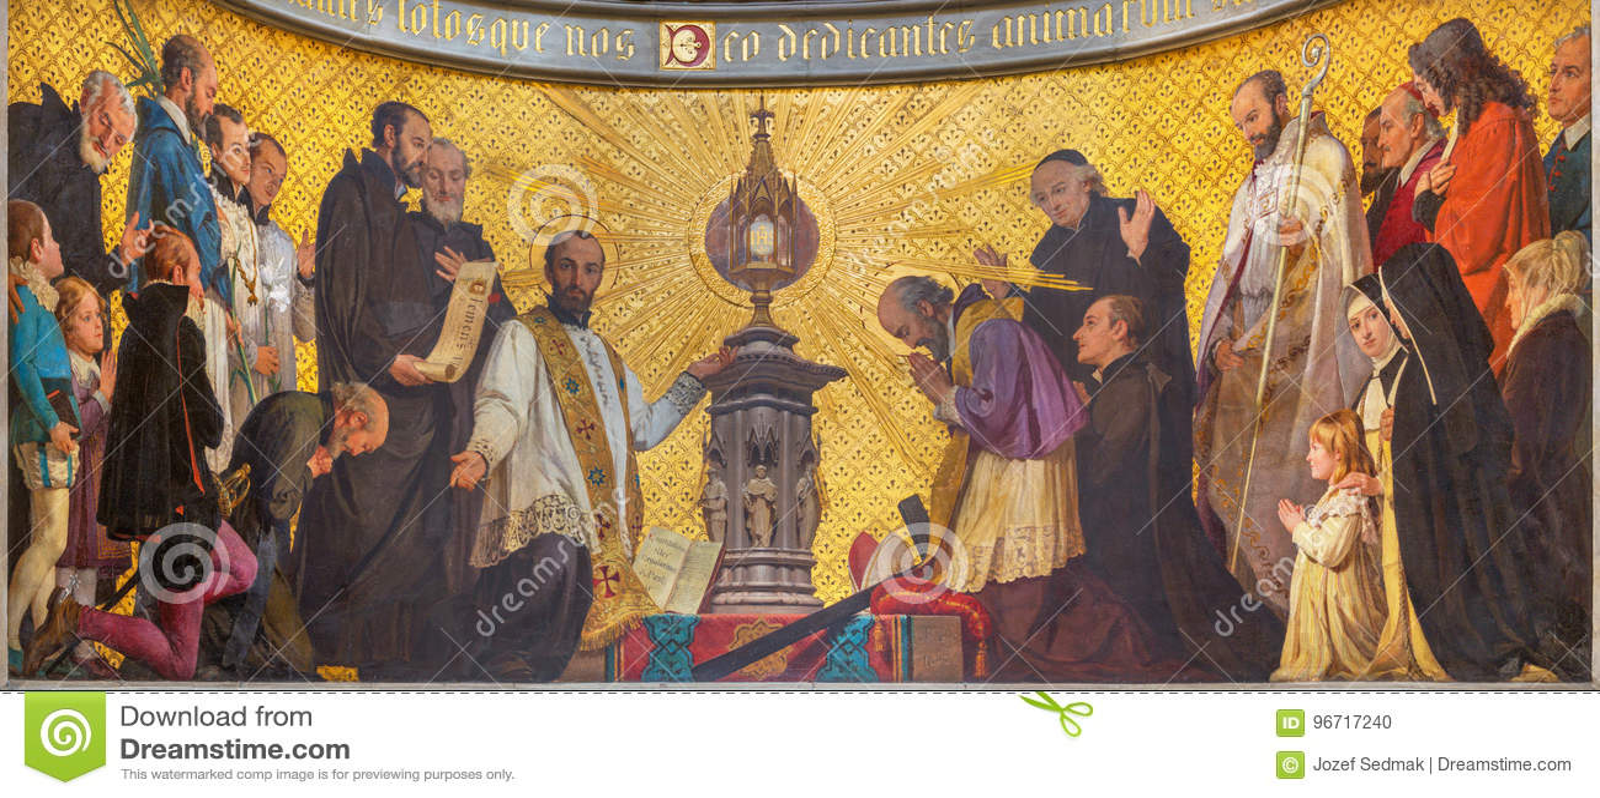 Turin - The symbolic fresco of The adoration of holys in front of Eucharist in church Chiesa di San Dalmazzo